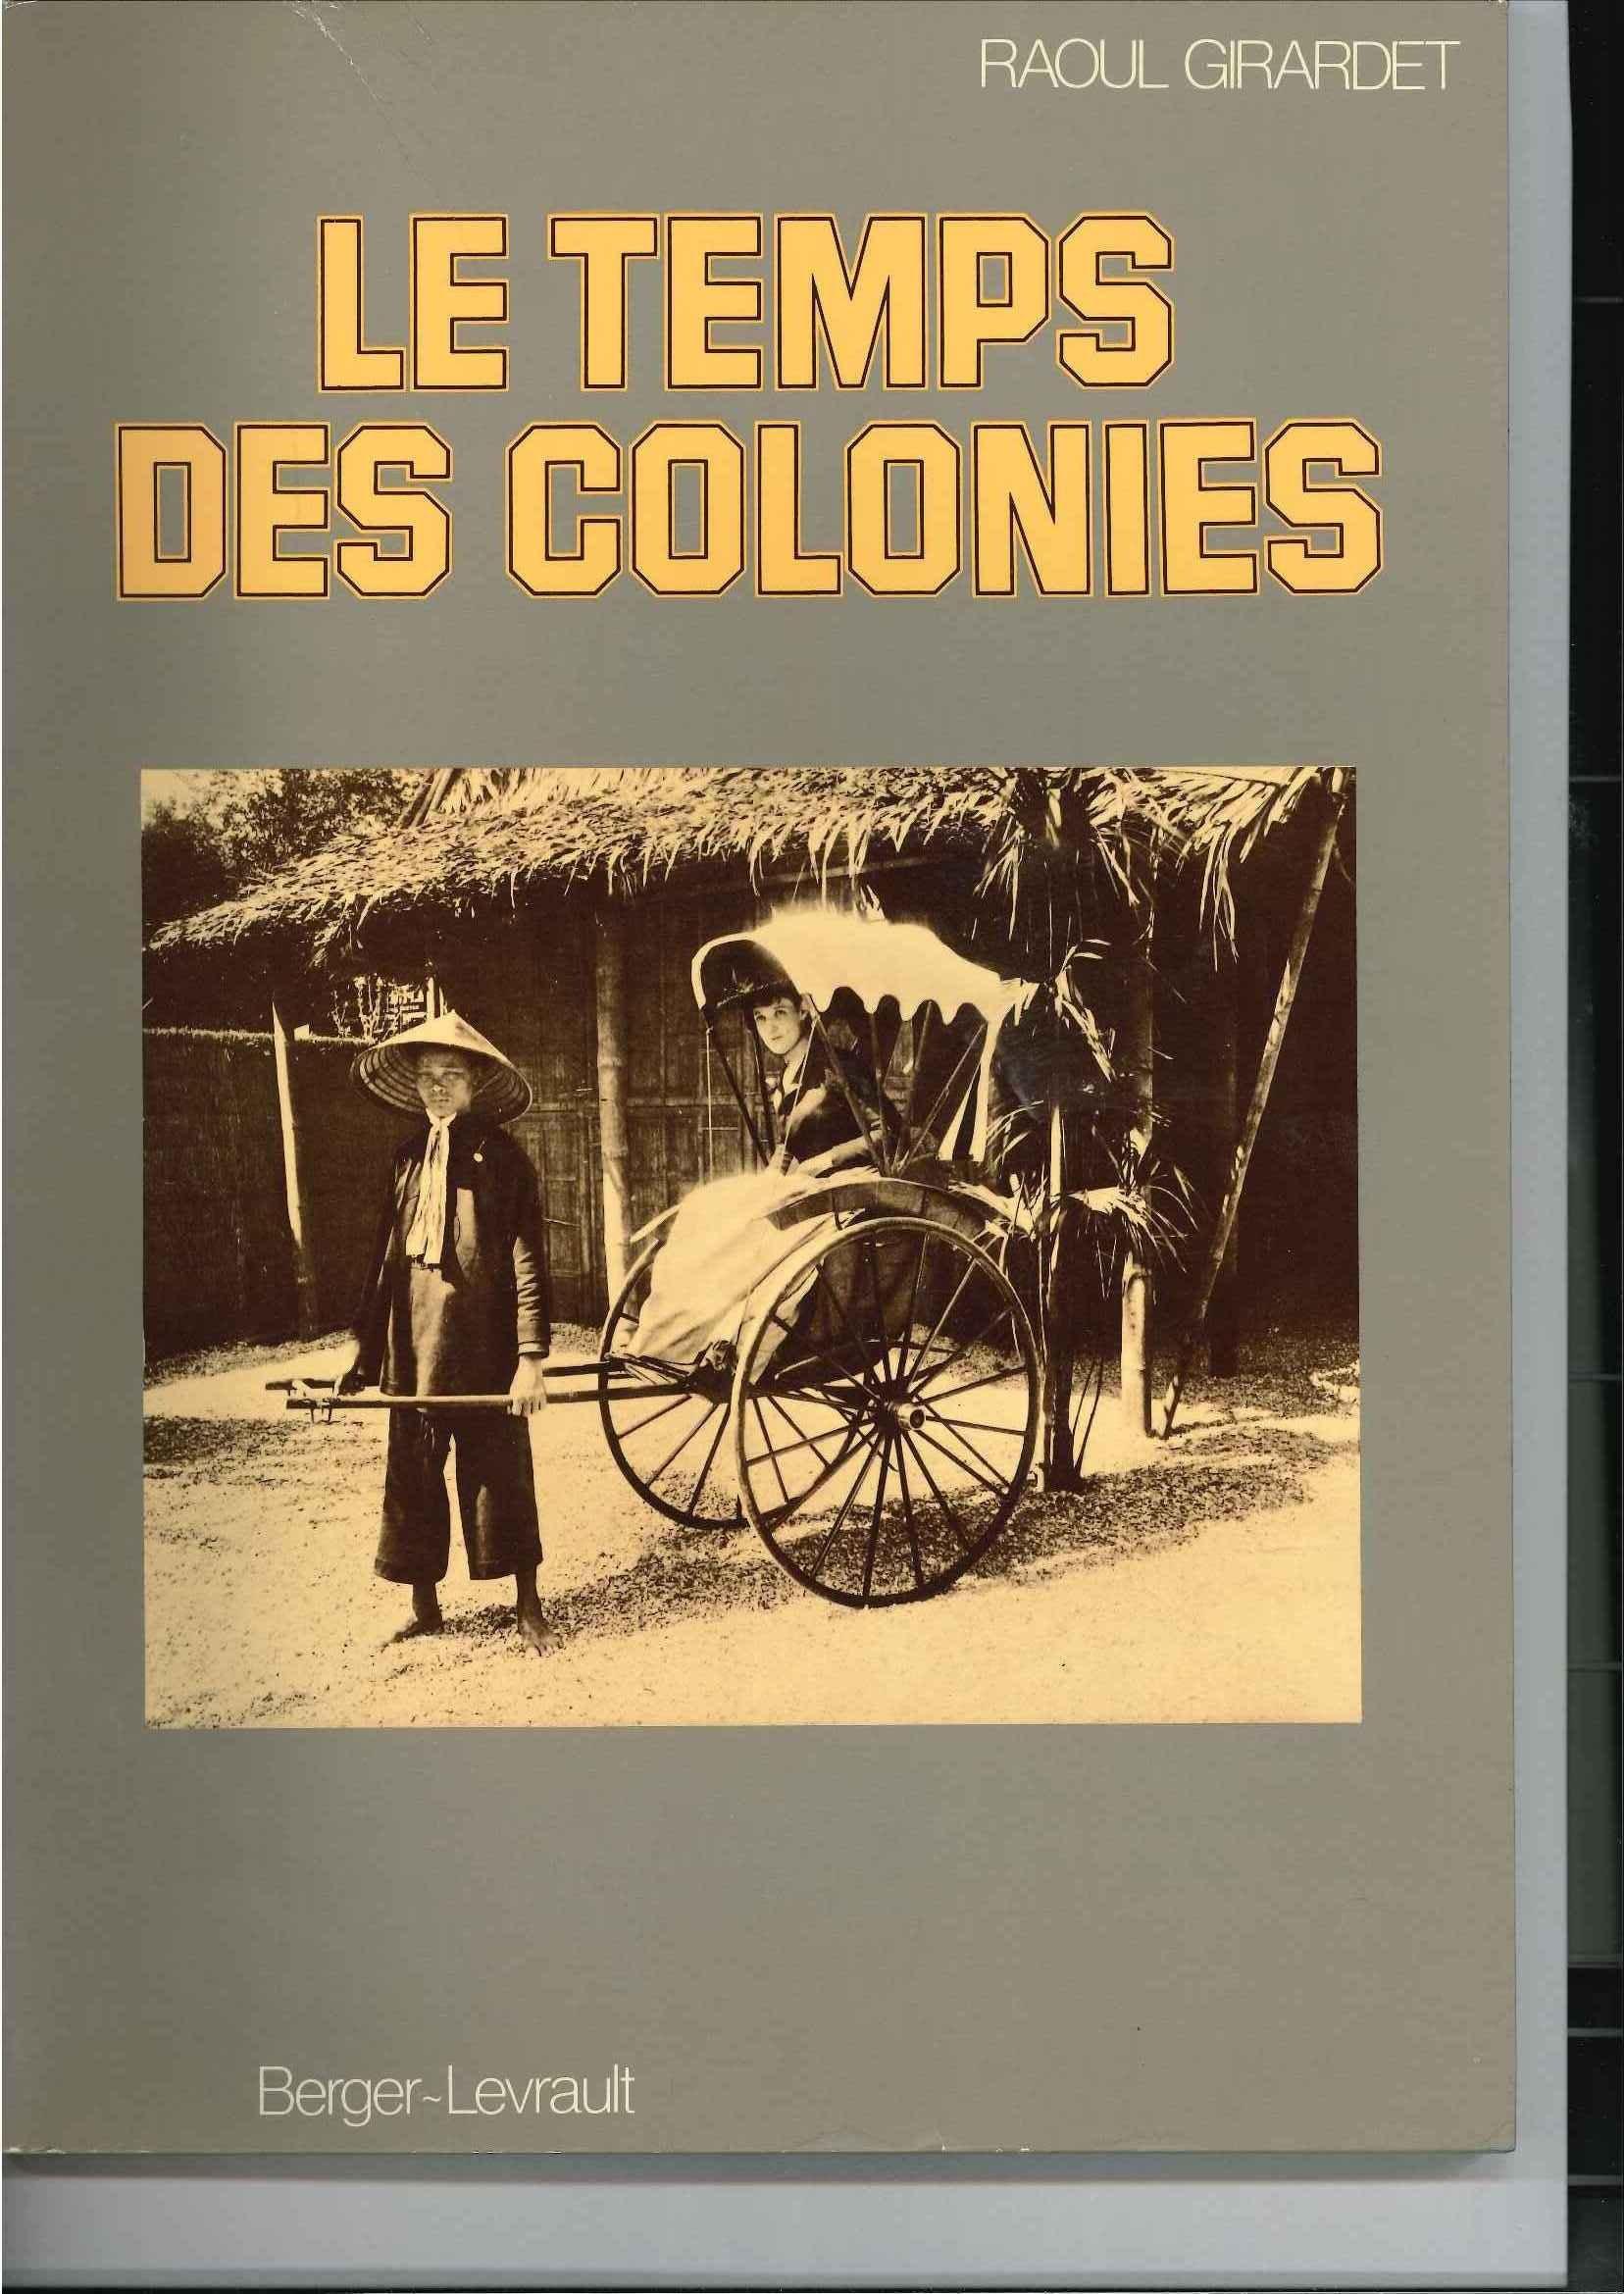 Le temps des Colonies Cartonné – 1998 Raoul Girardet Le Grand livre du mois B0000EI06G 1870-1914